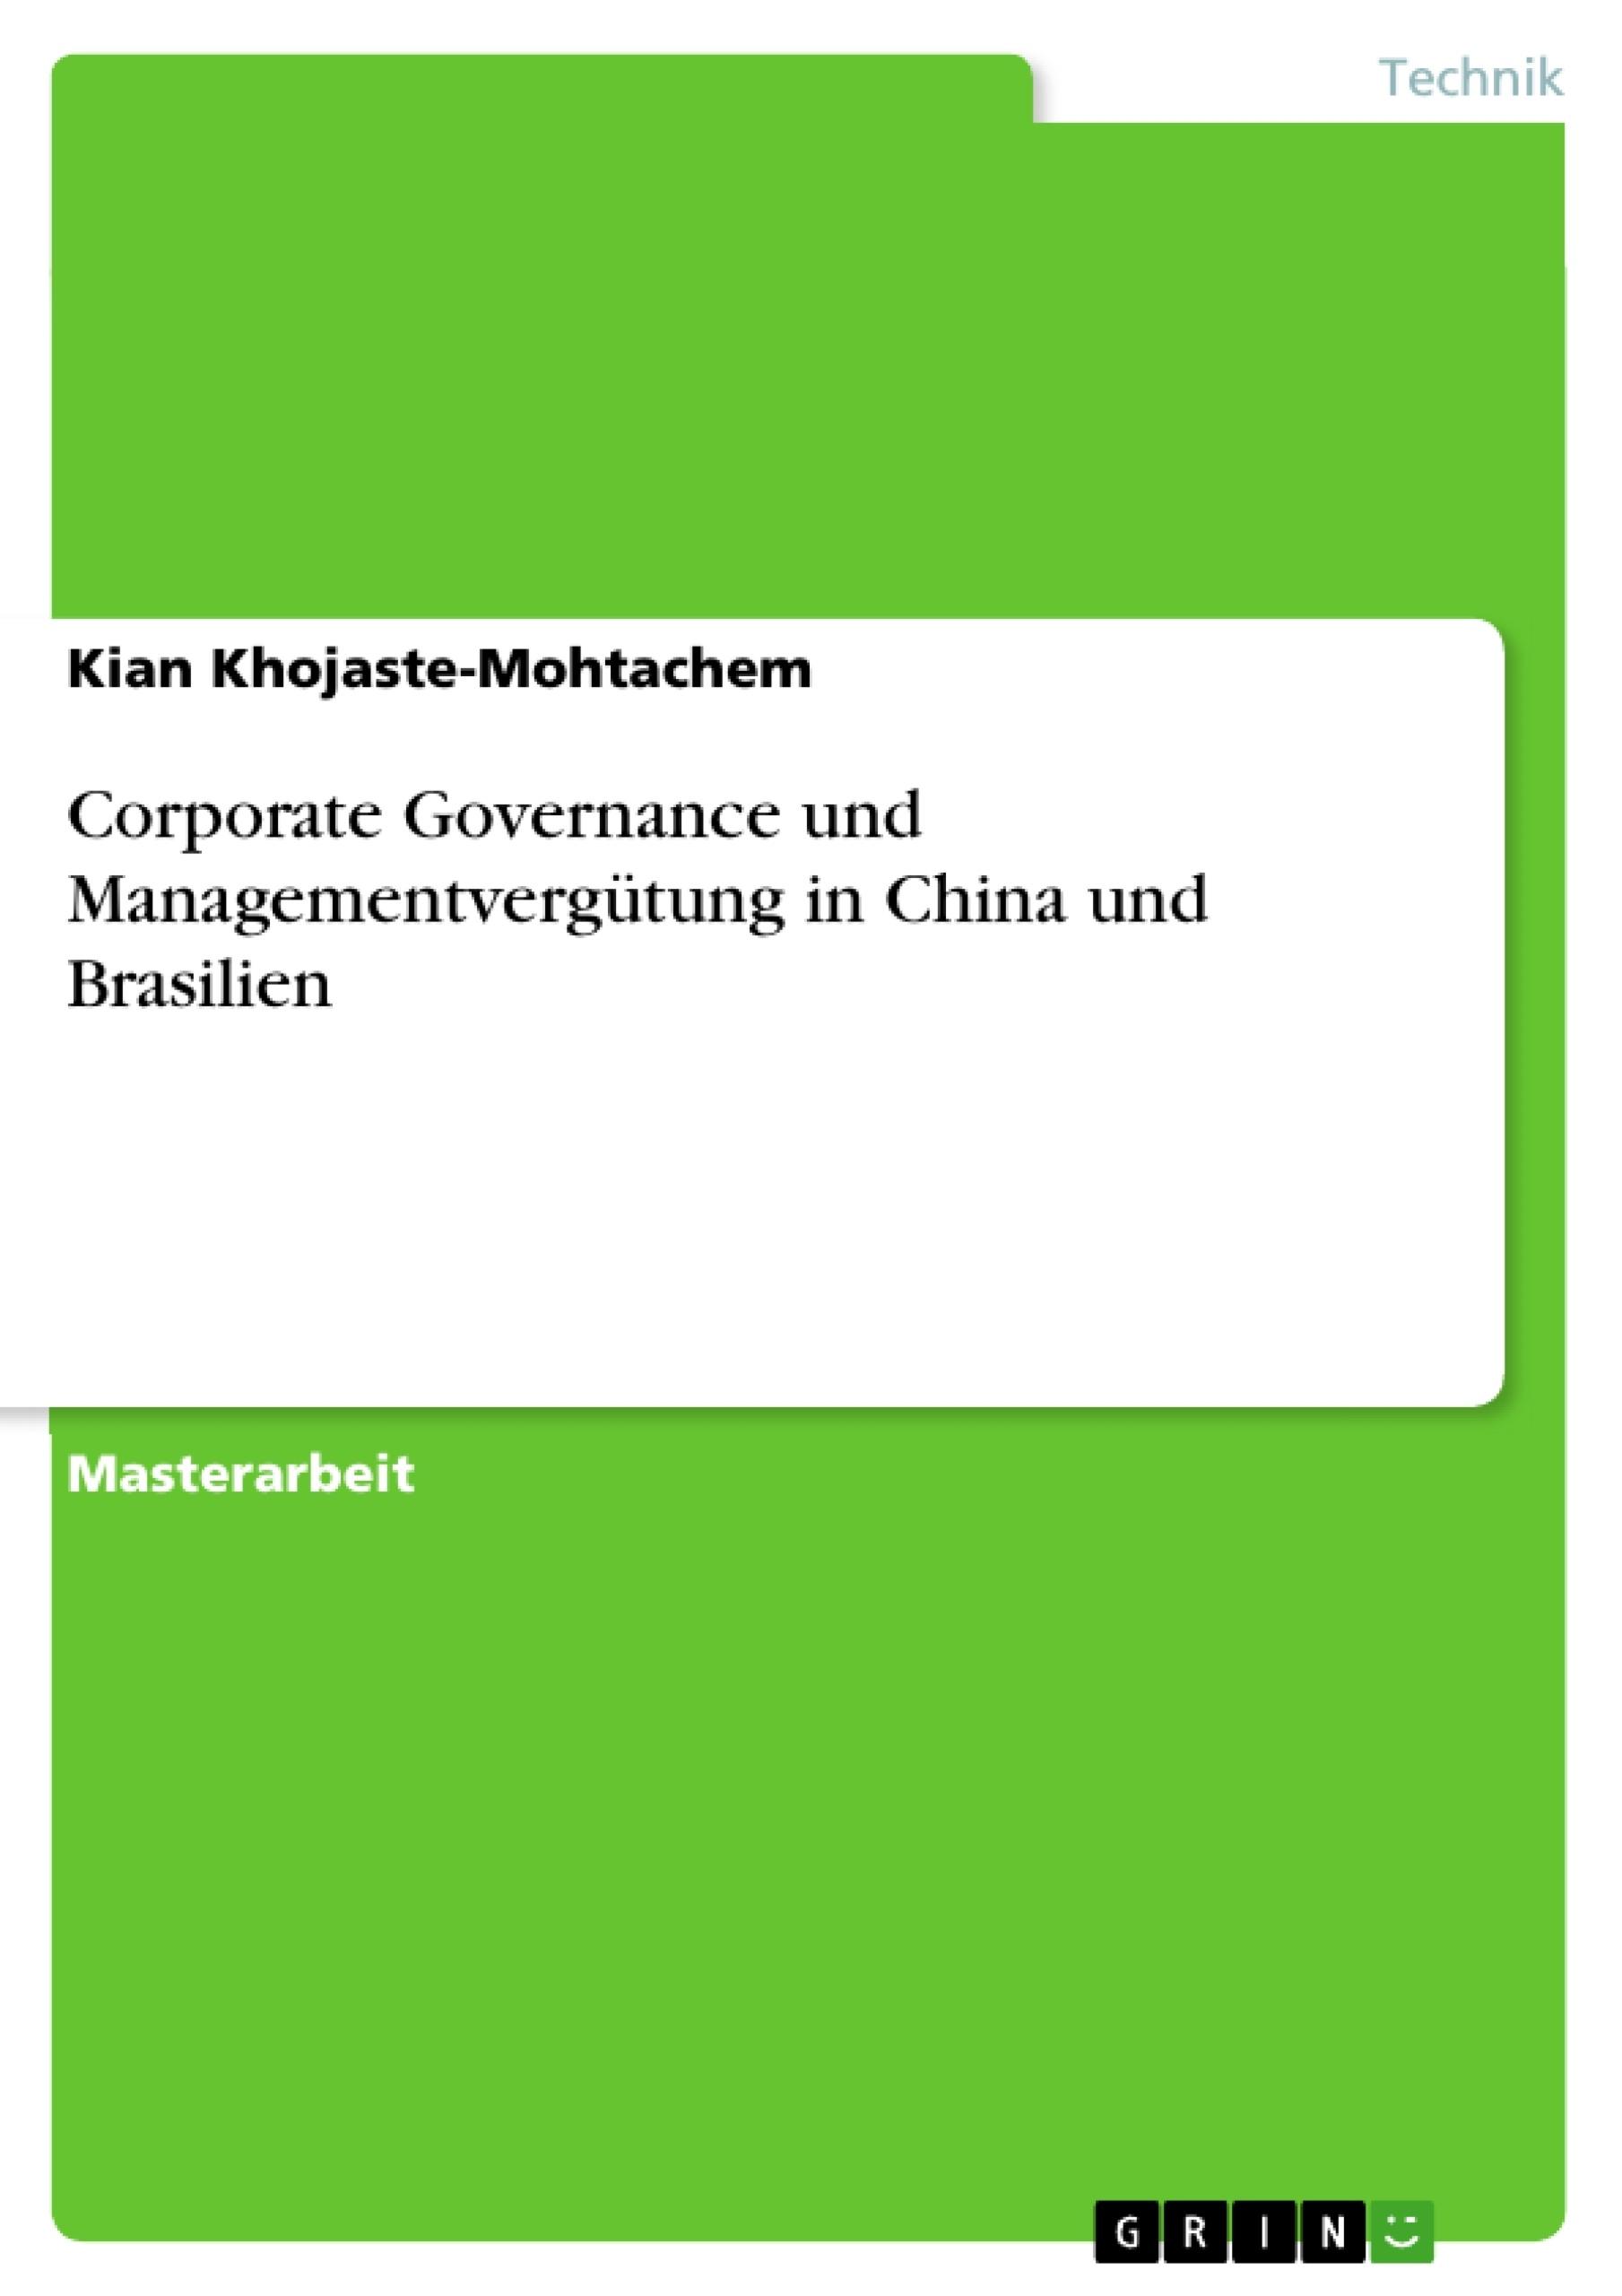 Titel: Corporate Governance und Managementvergütung in China und Brasilien